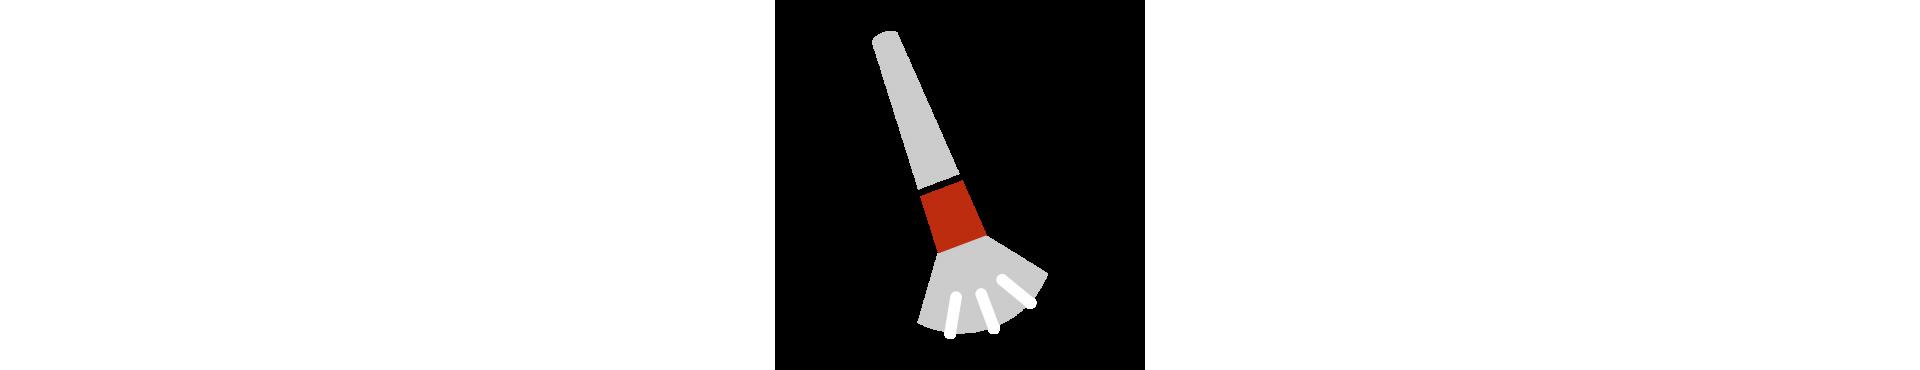 Accessori macchinette e kit pulizia